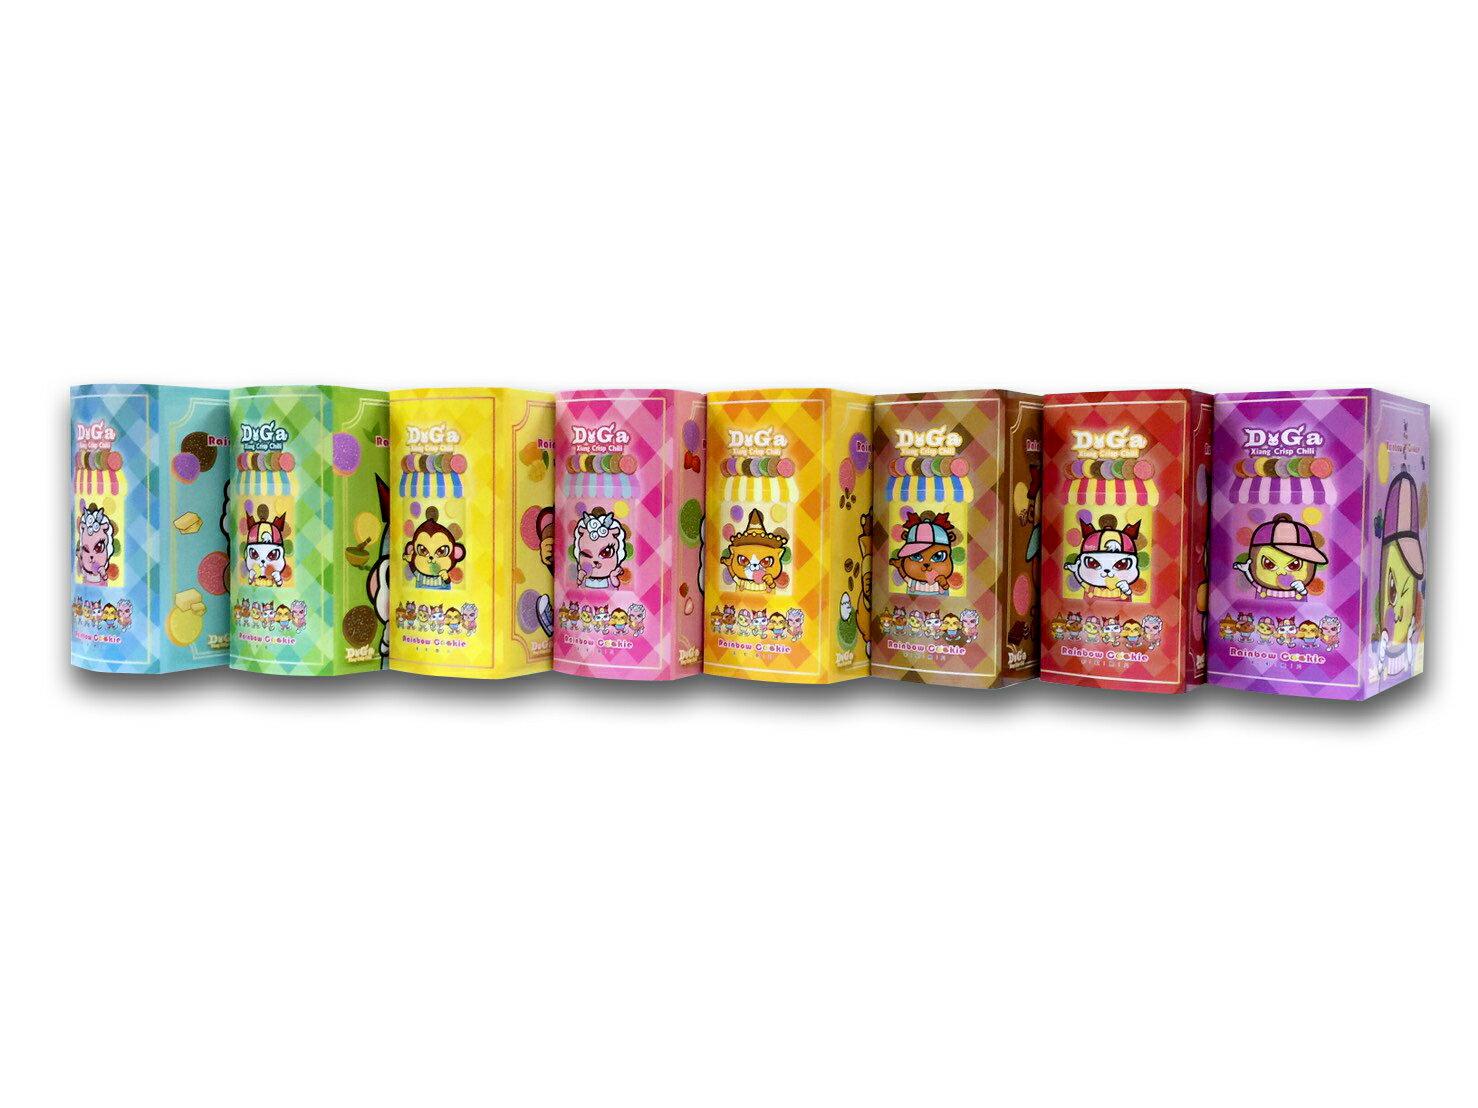 超值組合【Rainbow Cookie 彩虹脆片★單口味精裝本】,口味任選三盒超值優惠300元★5 / 2-5 / 31全店499免運★滿599折50,下單輸入mango50(數量有限) 0